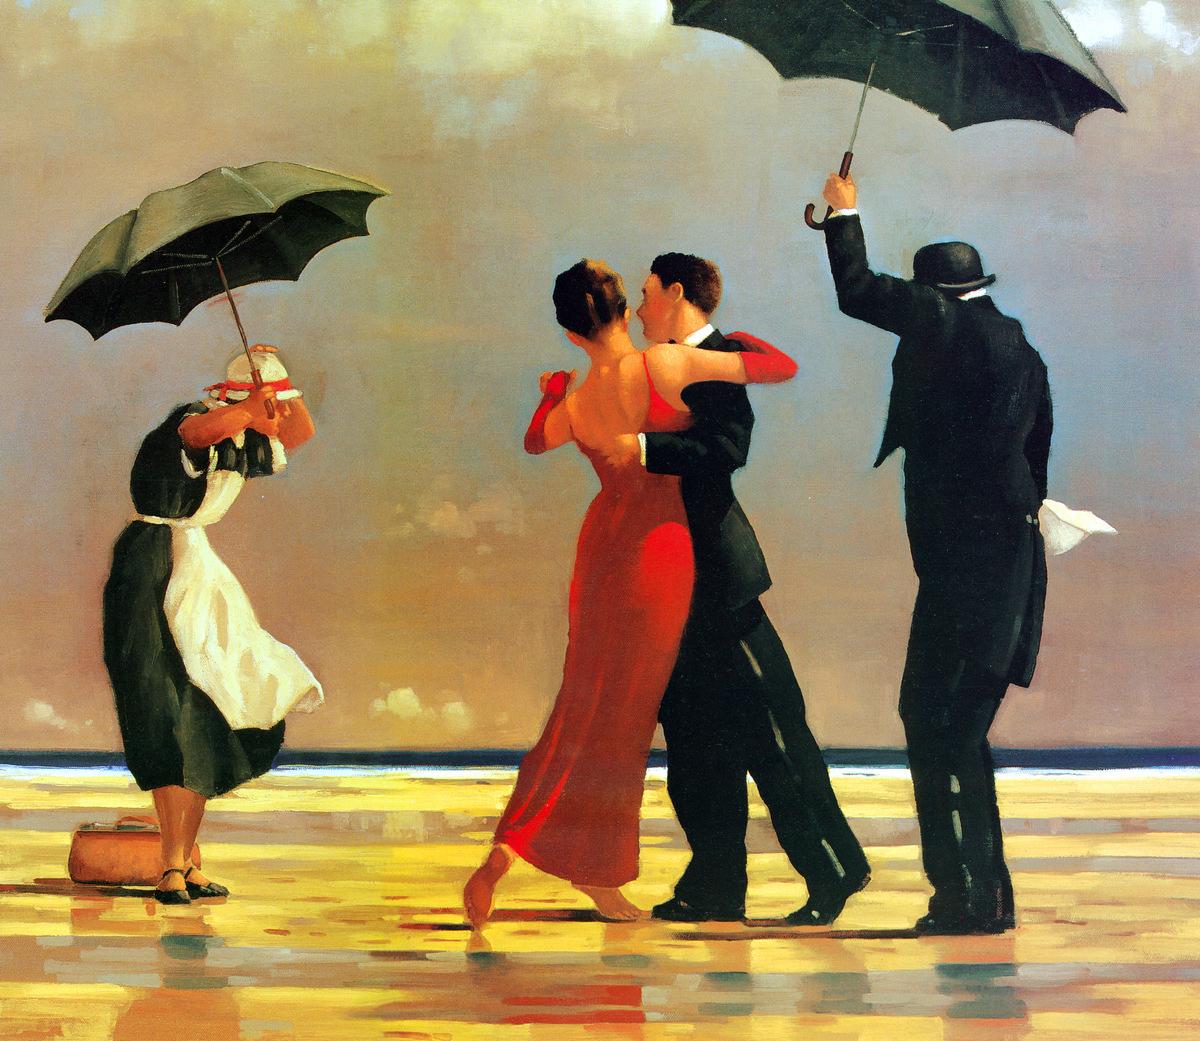 Постер Поющий дворецкий, Веттриано Джек, купить репродукцию